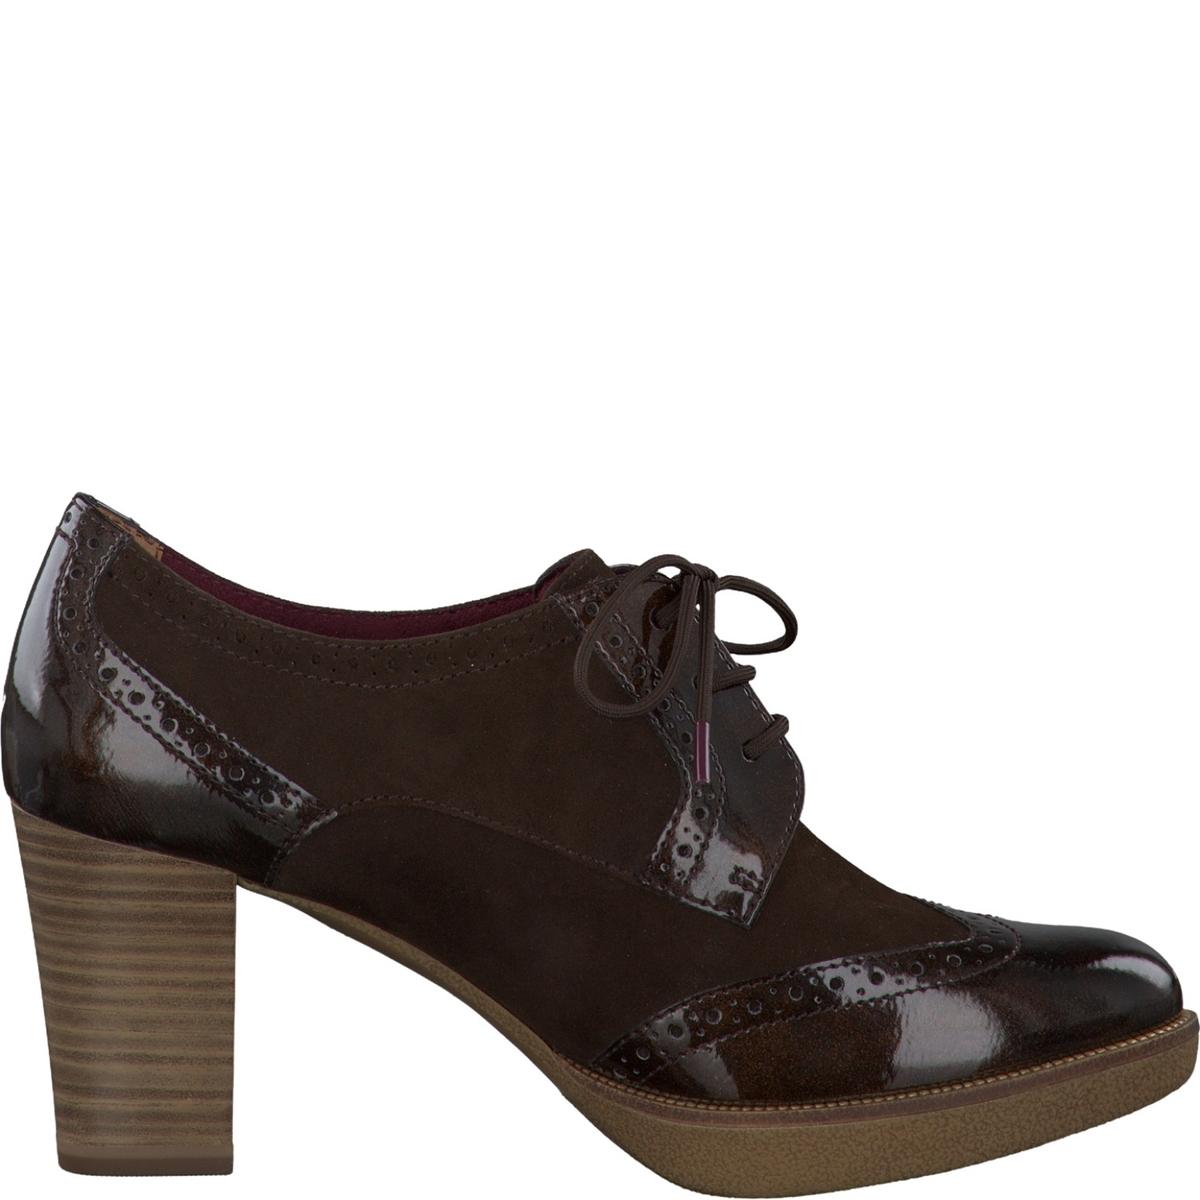 Ботинки-дерби кожаныеДетали  •  Ботинки-дерби •  Высота каблука : 7,5 см •  Застежка : шнуровка •  Круглый мысок •  ЛакированныеСостав и уход  •  Верх 100% козья кожа •  Подкладка 50% кожи, 50% текстиля •  Стелька 100% кожа<br><br>Цвет: темный каштан